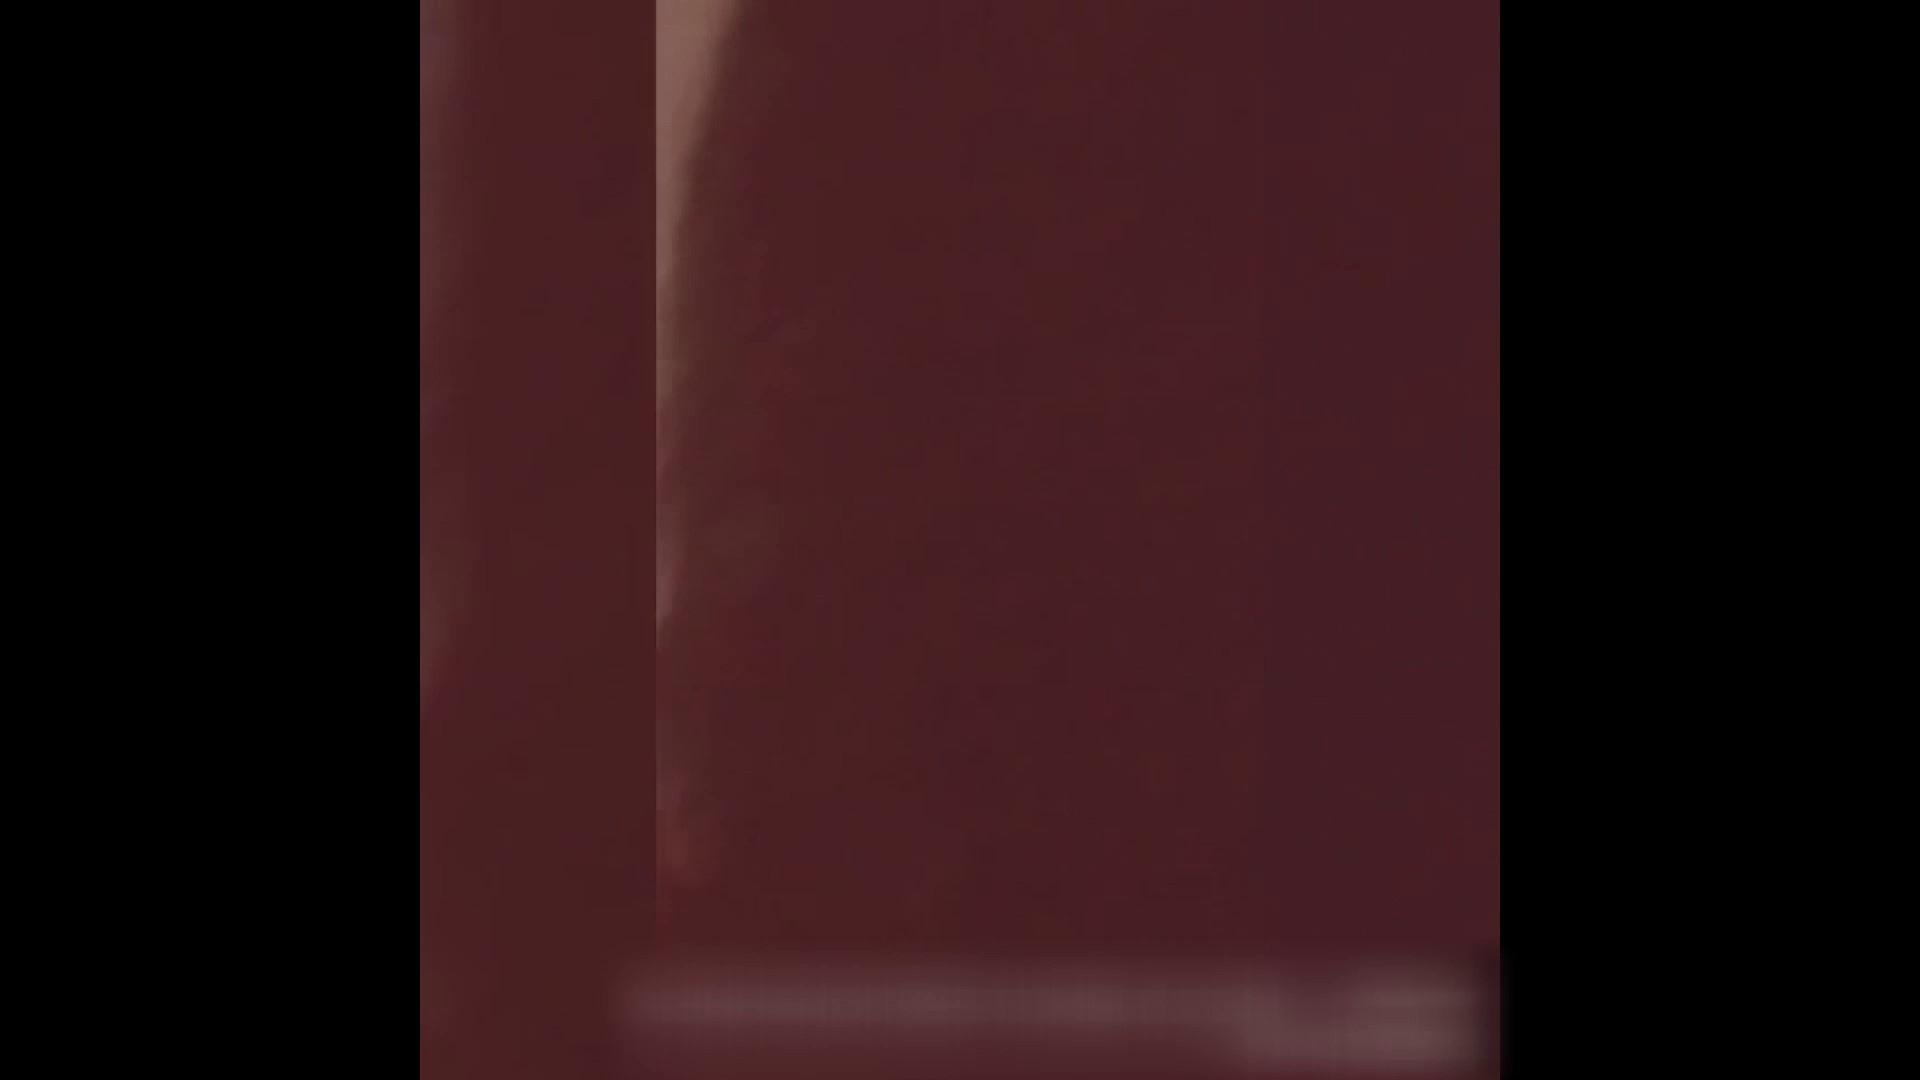 エロいフェラシーンをピックアップvol44 手淫 | モザ無し AV動画 100枚 32